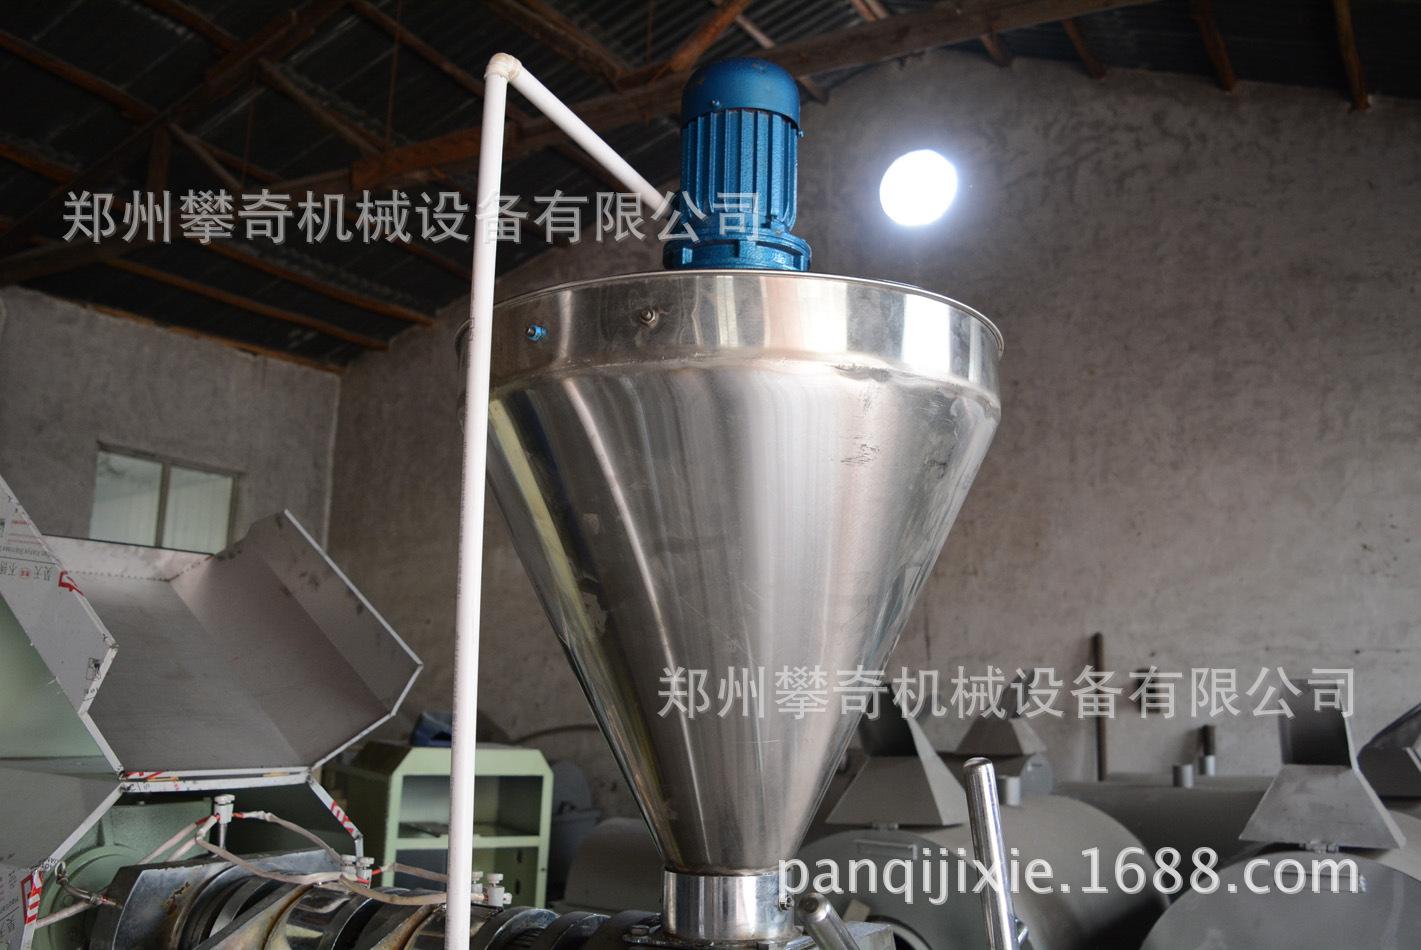 型号多全新现货攀奇螺旋榨油机各种型号全自动榨油机菜籽榨油机示例图4